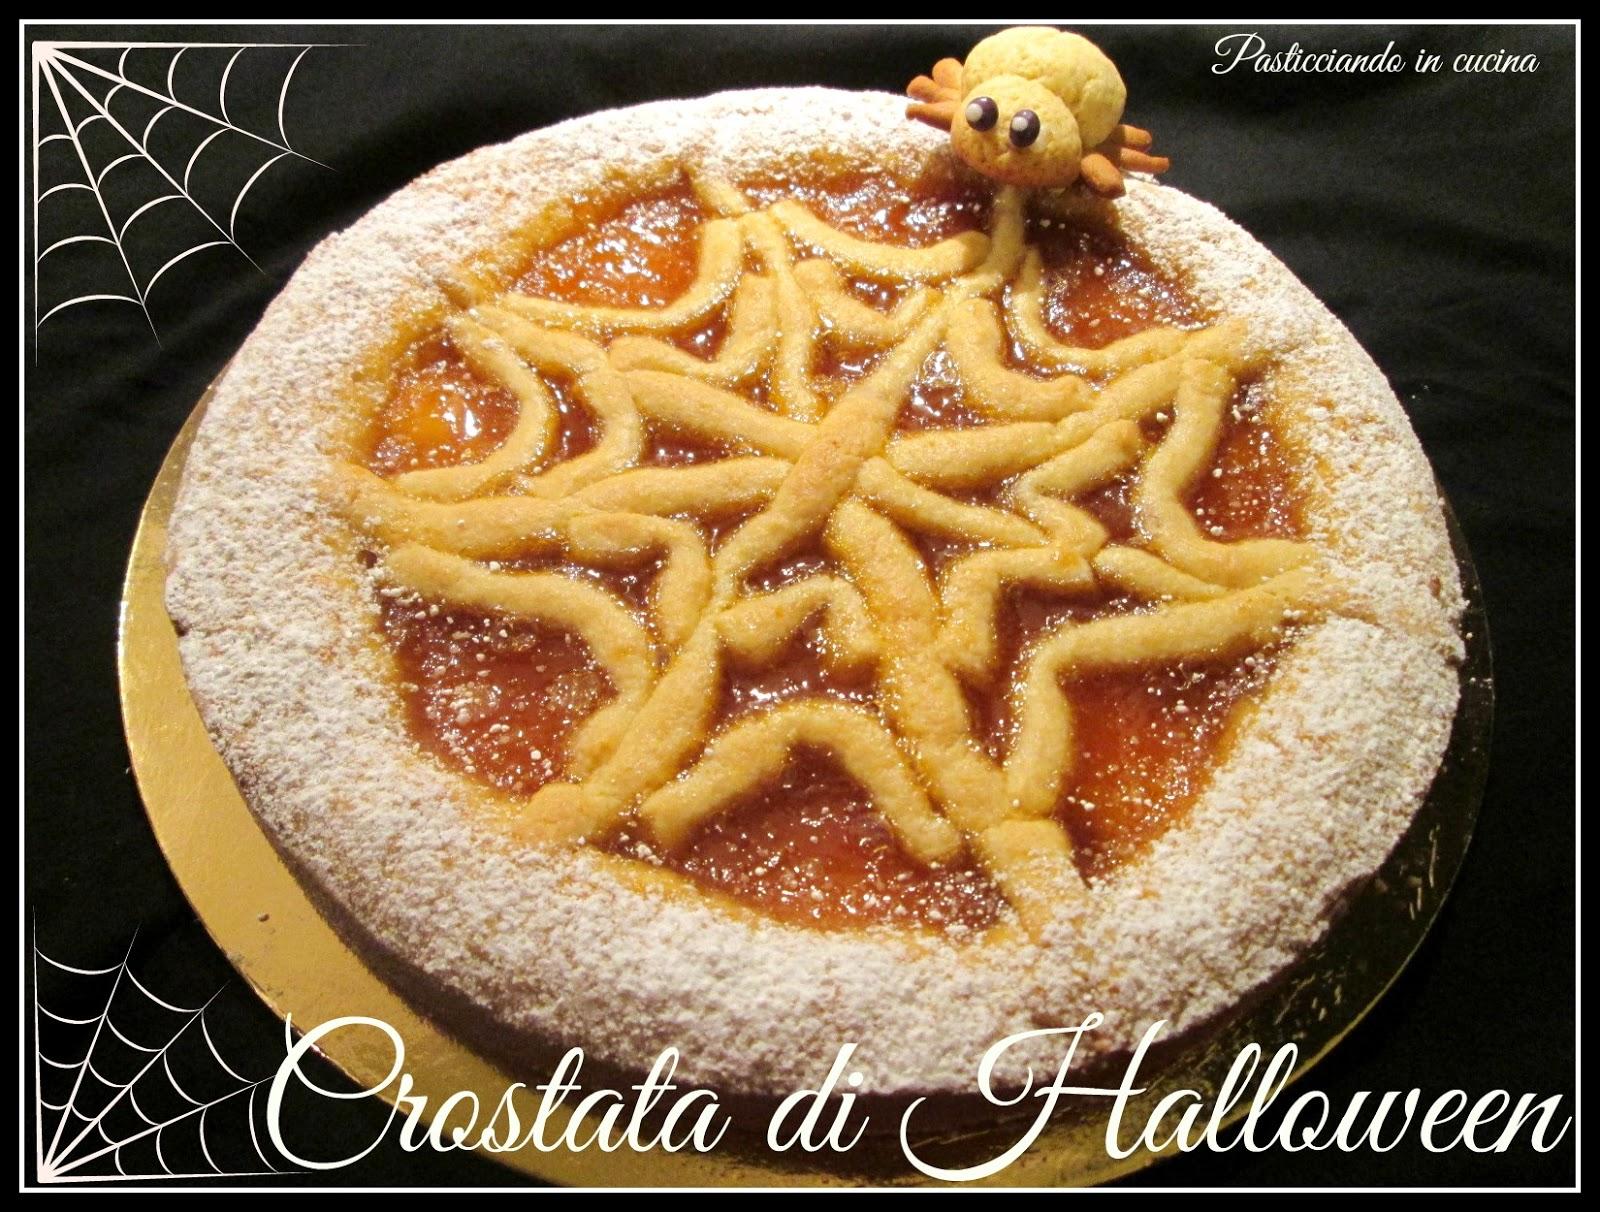 Pasticciando in cucina: Crostata di Halloween